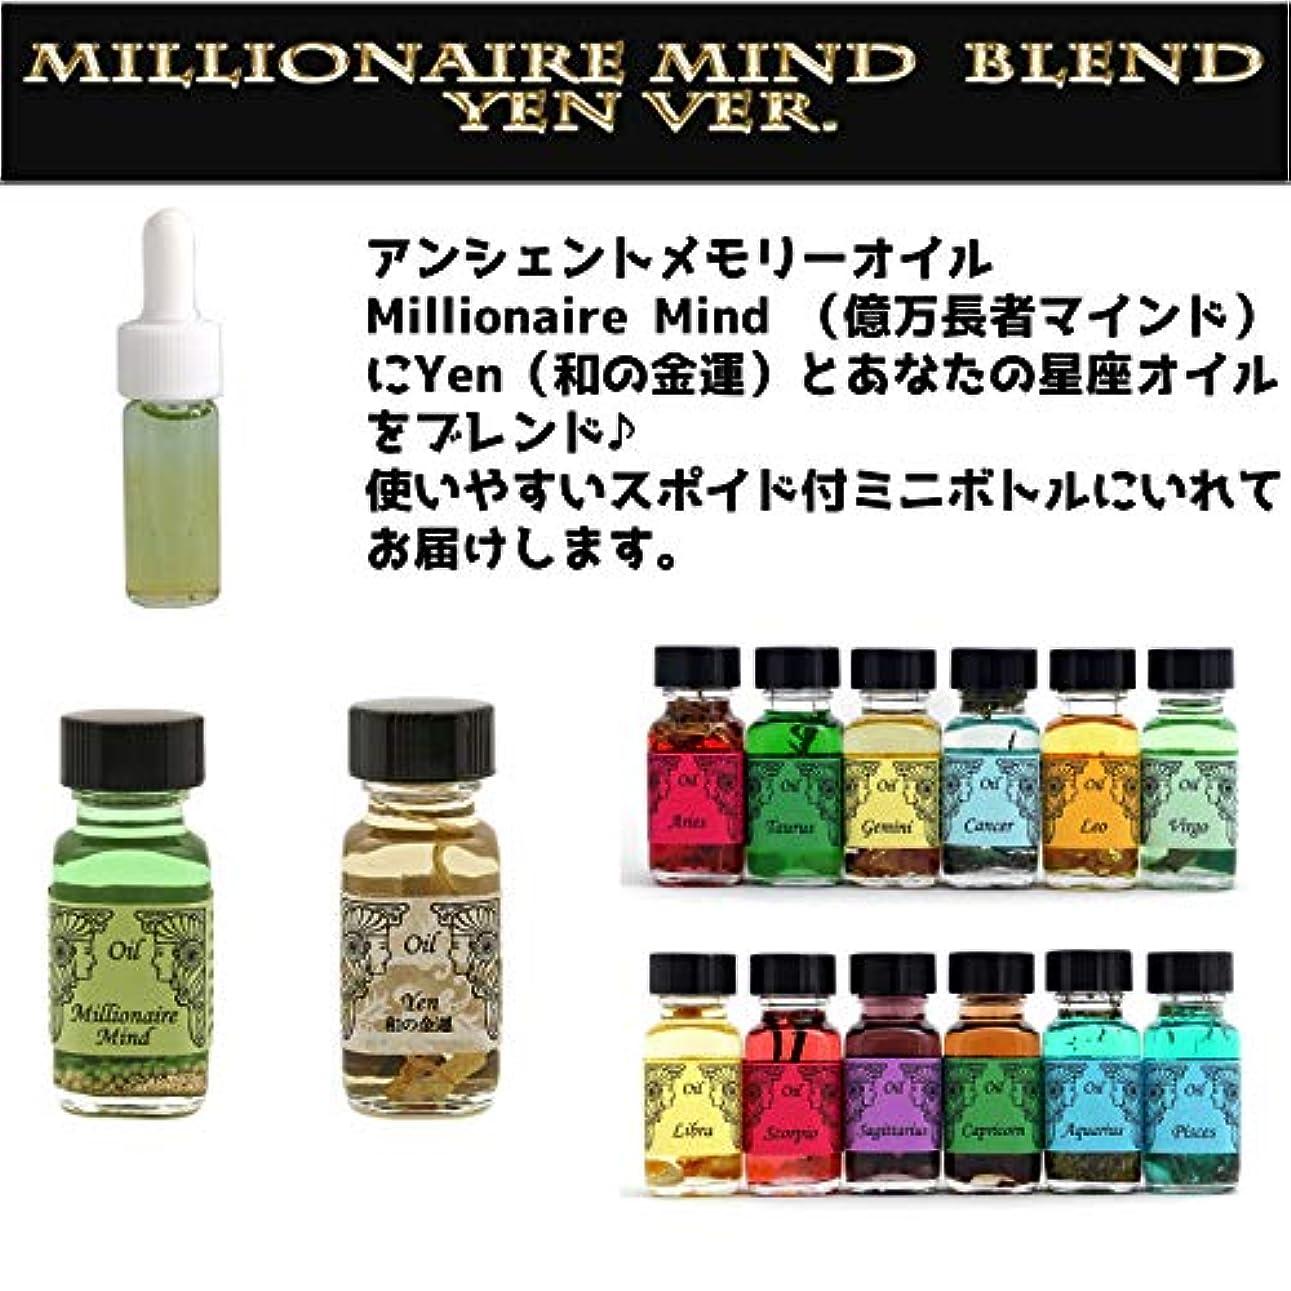 グリーンバック懐疑論お尻アンシェントメモリーオイル Millionaire Mind 億万長者マインド ブレンド【Yen 和の金運&おひつじ座】